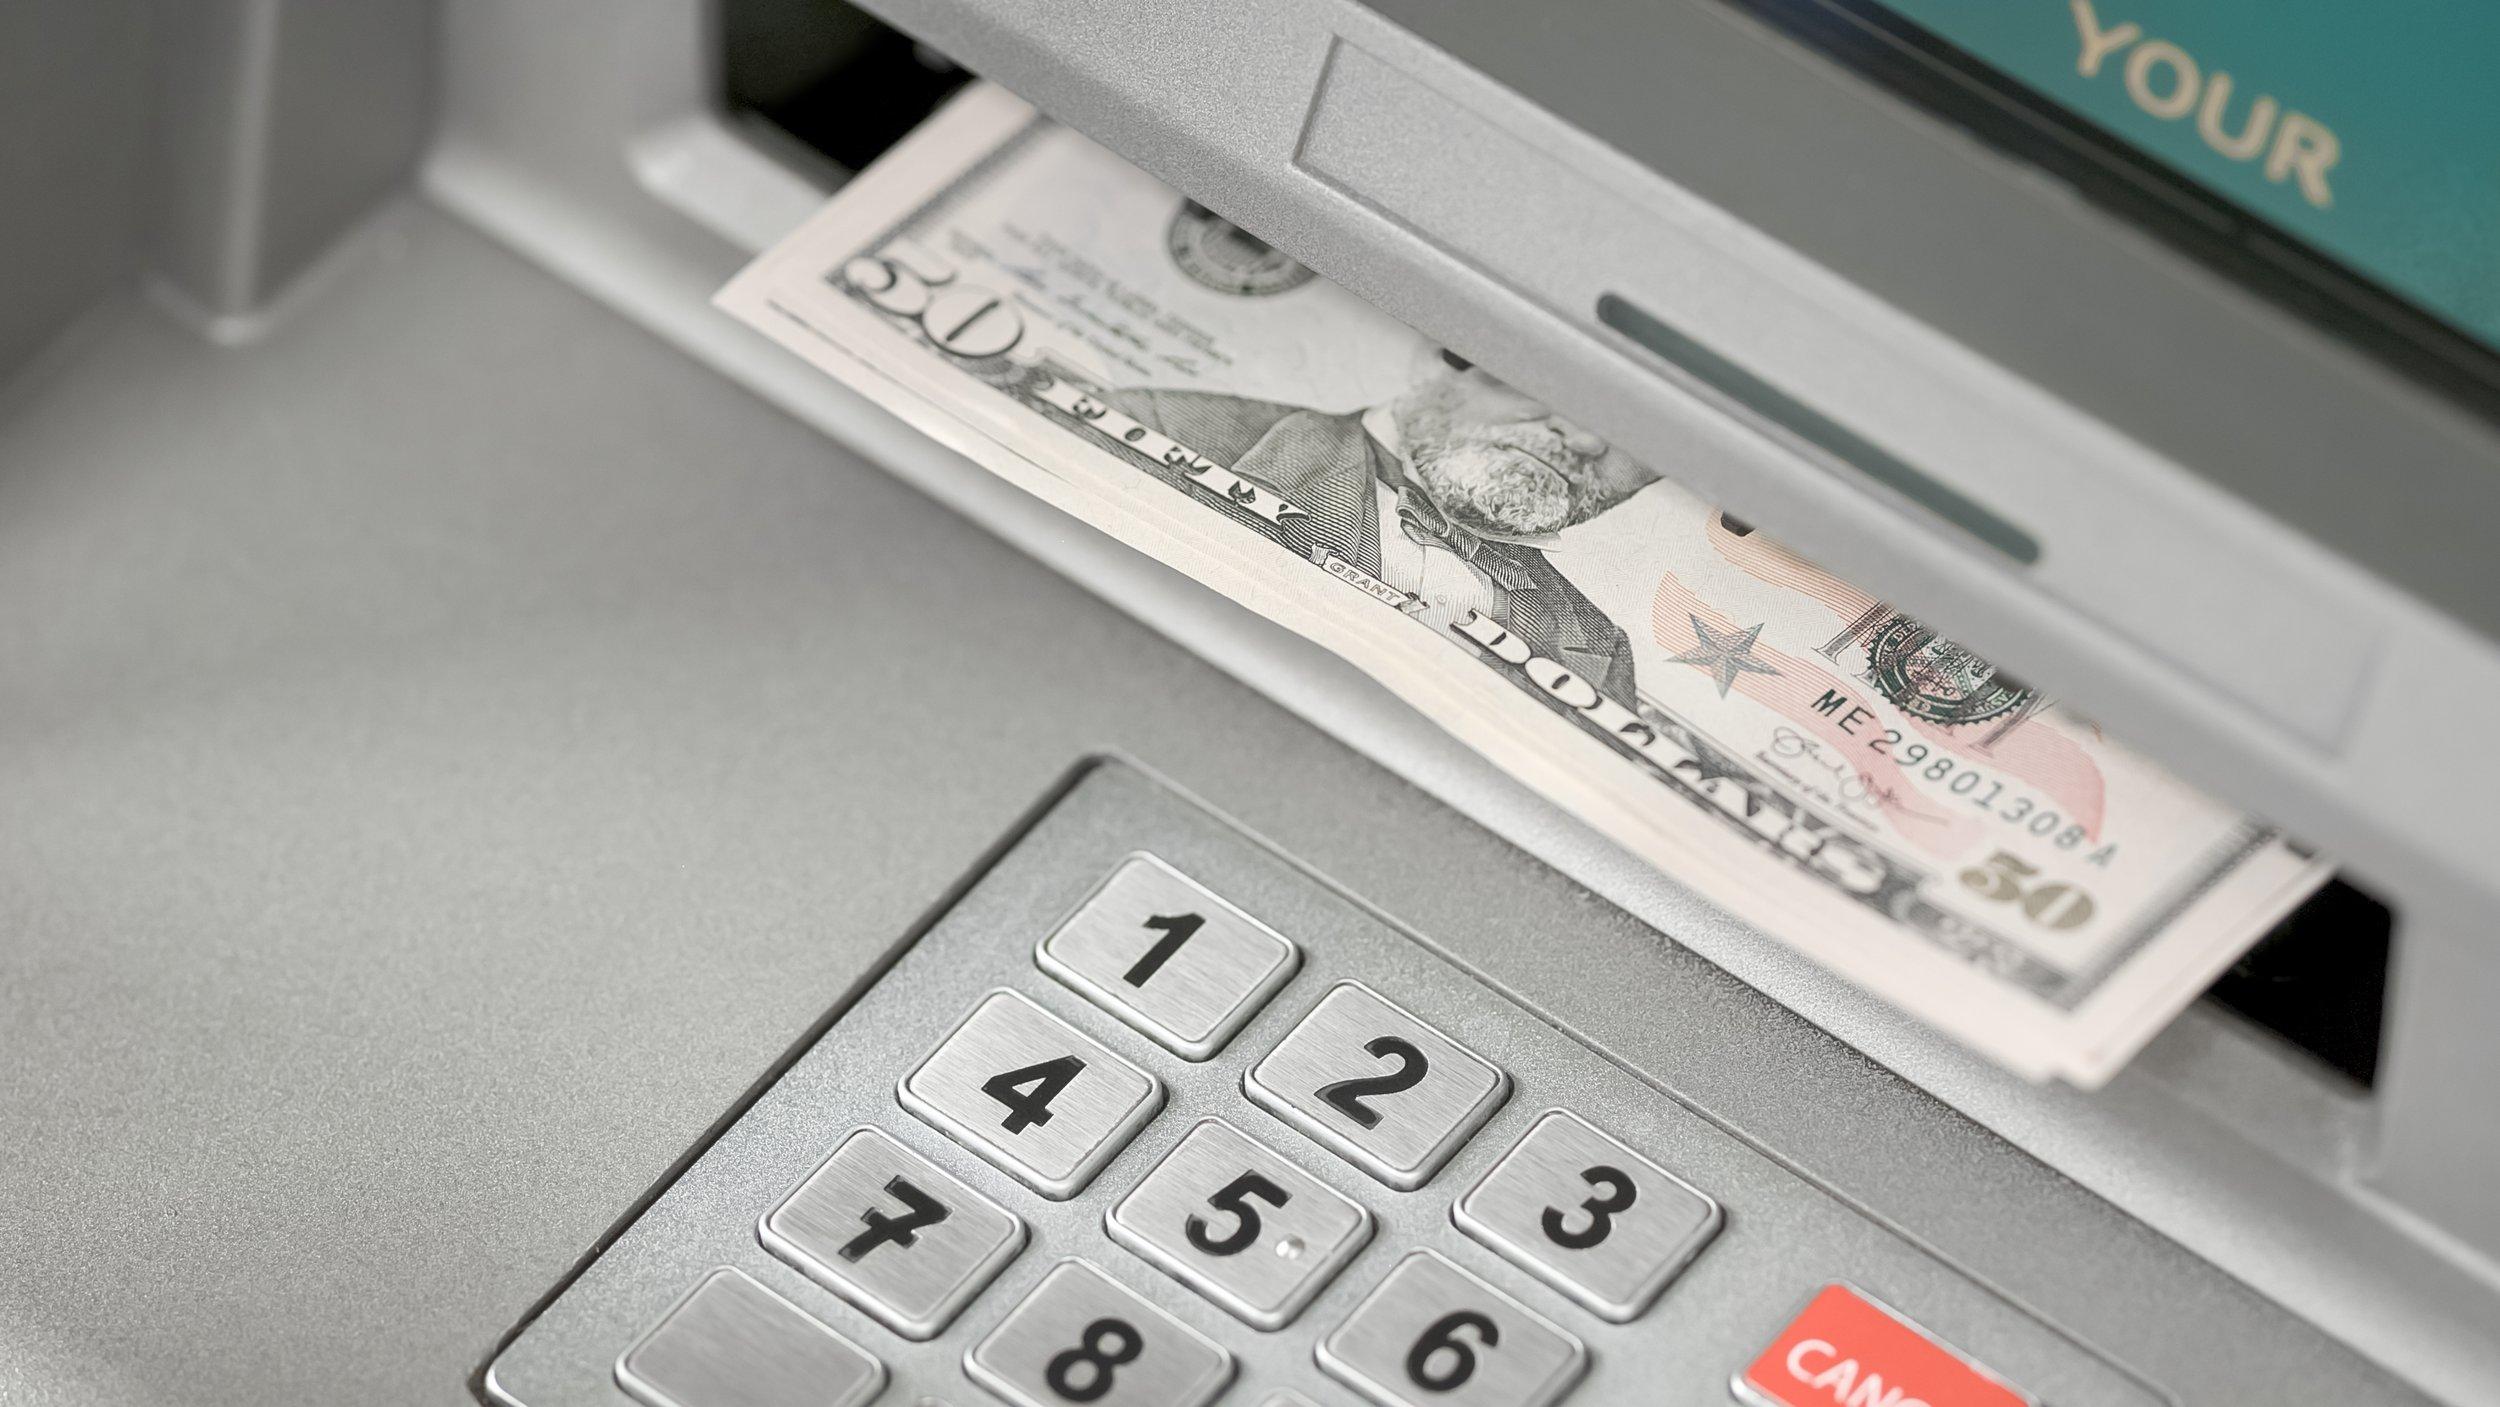 Hrvatska Poštanska Banka ATM | Karlovac | Supernova